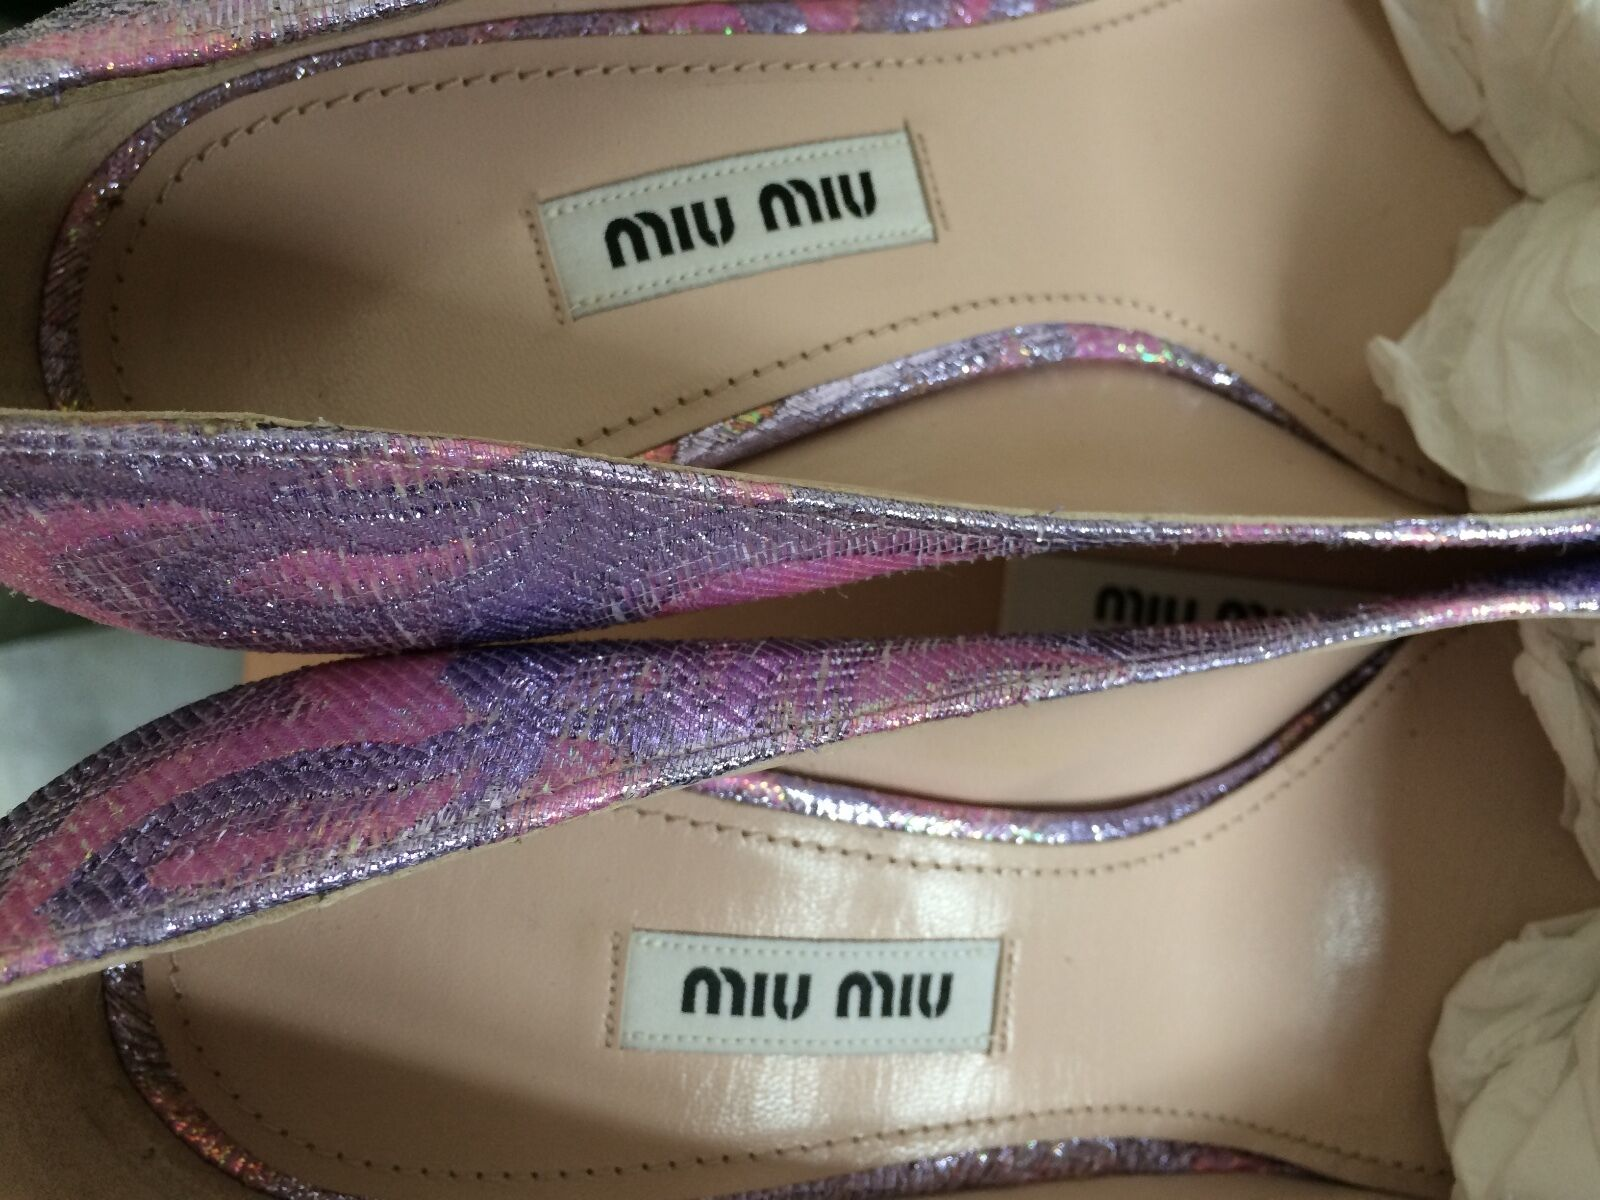 NIB  675 Miu Miu Miu Miu Jacquard Point Toe Pumps 37.5 7.5  purpleC 0d814e